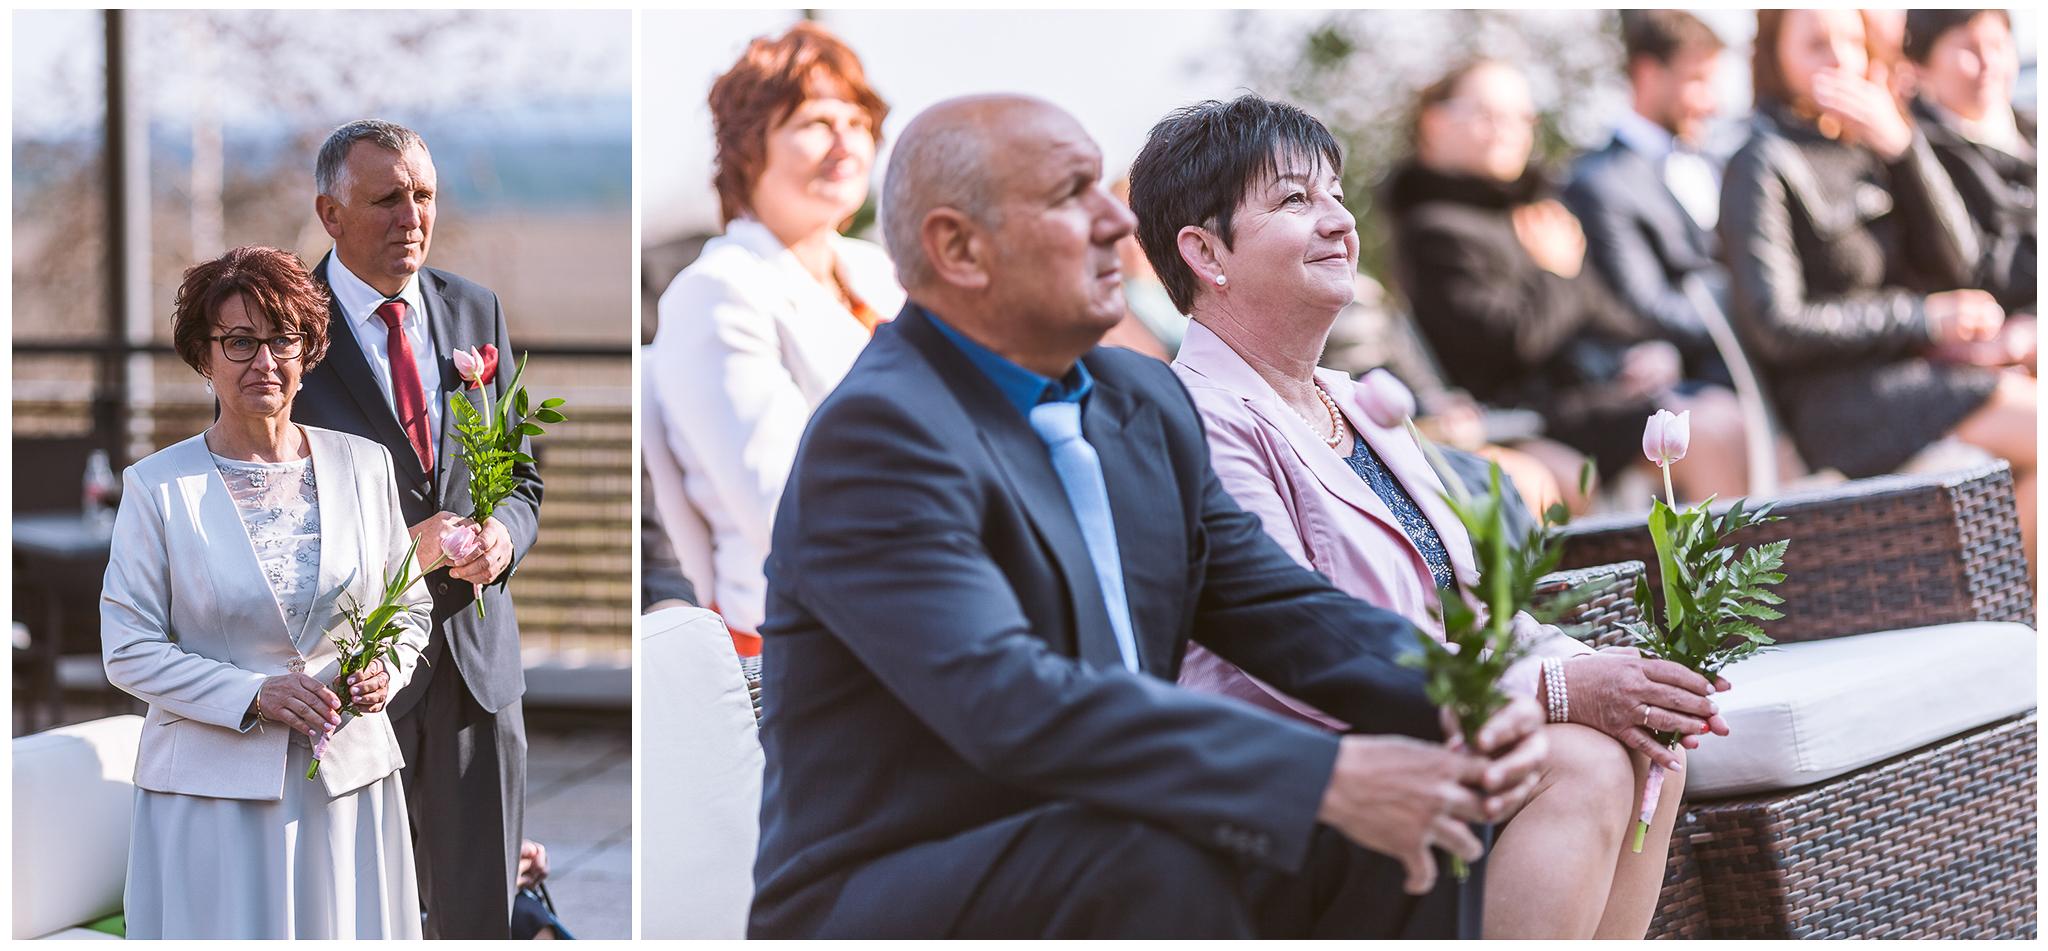 FylepPhoto, esküvőfotós, esküvői fotós Körmend, Szombathely, esküvőfotózás, magyarország, vas megye, prémium, jegyesfotózás, Fülöp Péter, körmend, kreatív, fotográfus_33.jpg